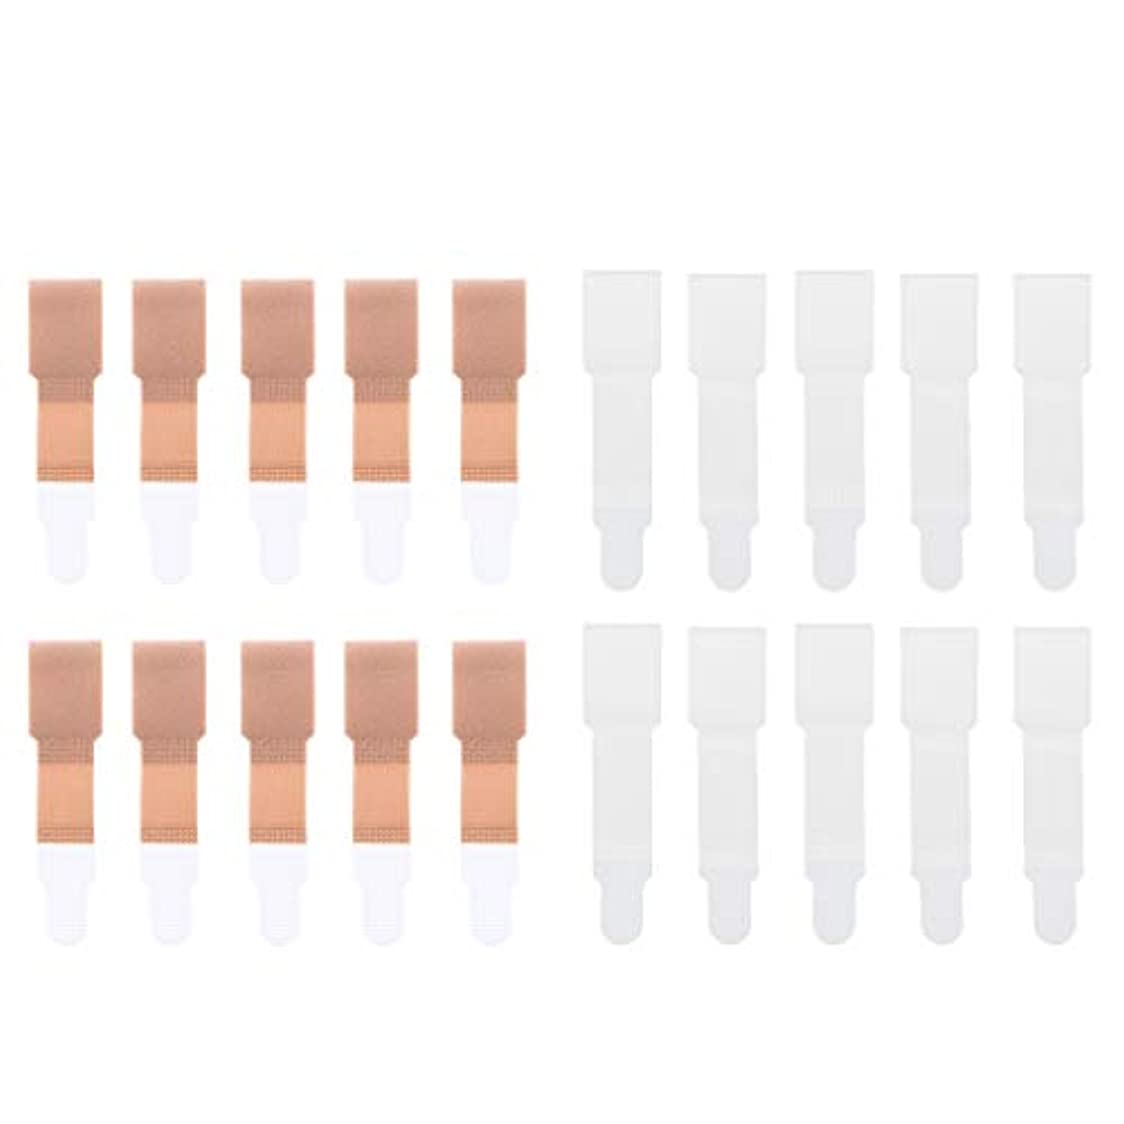 兄弟愛降臨特異性足のつまみ トゥーブレースラップ トゥセパレータ 包帯 ストレートナー 20個入り 全2色選べ - 肌+白